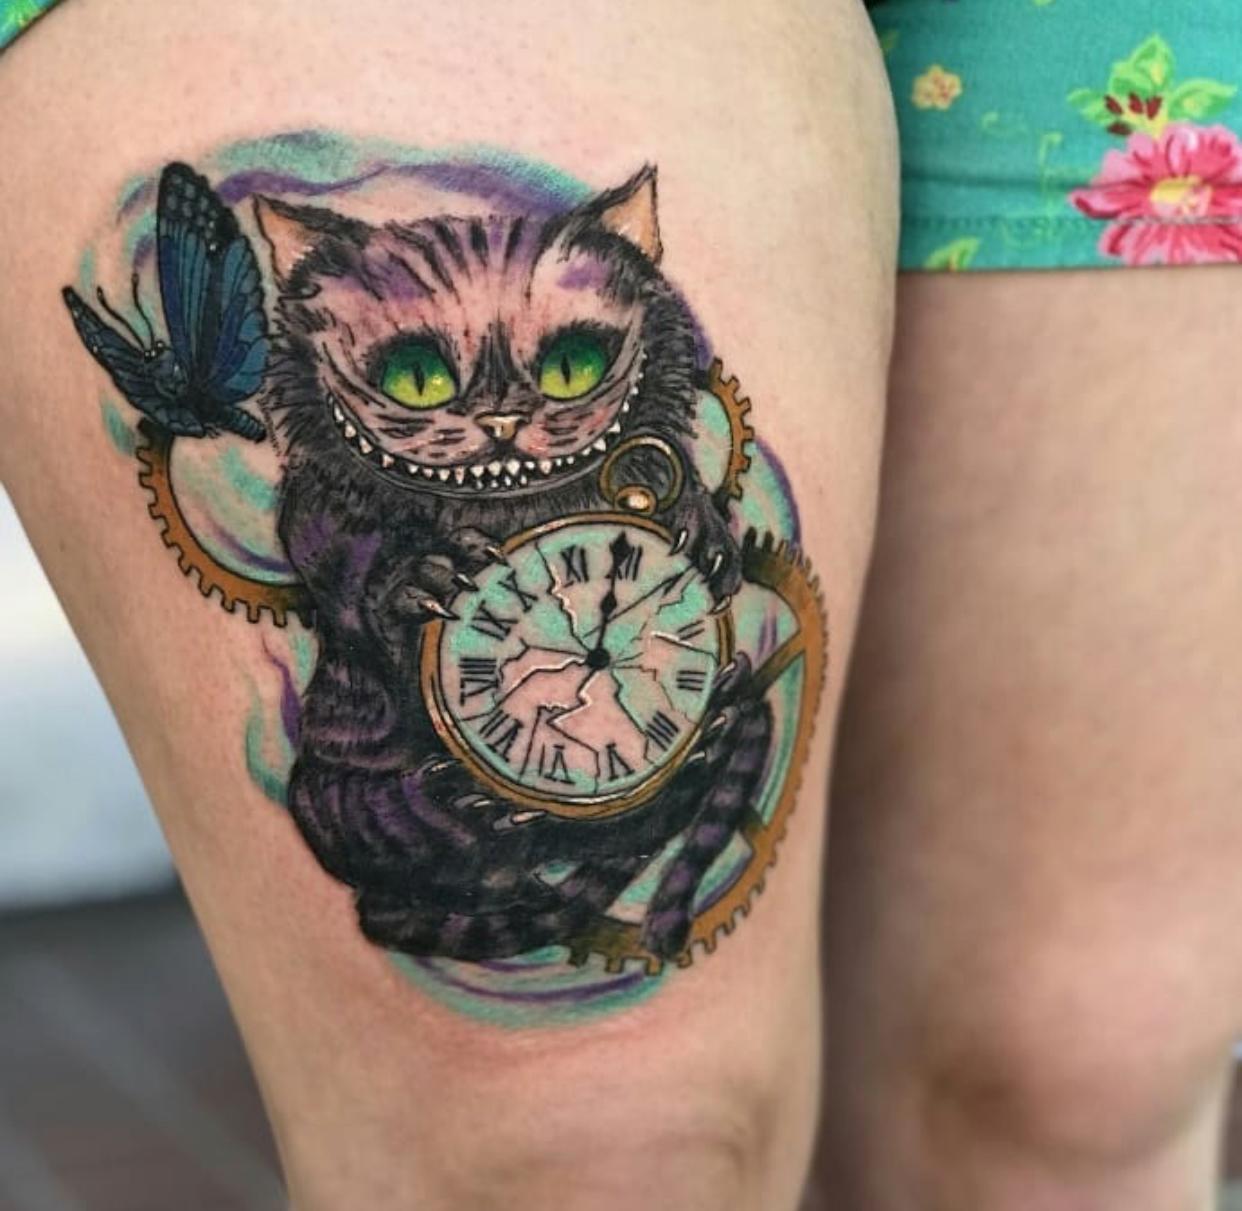 Jeramie at Savage Tattoo in Ogden, Utah